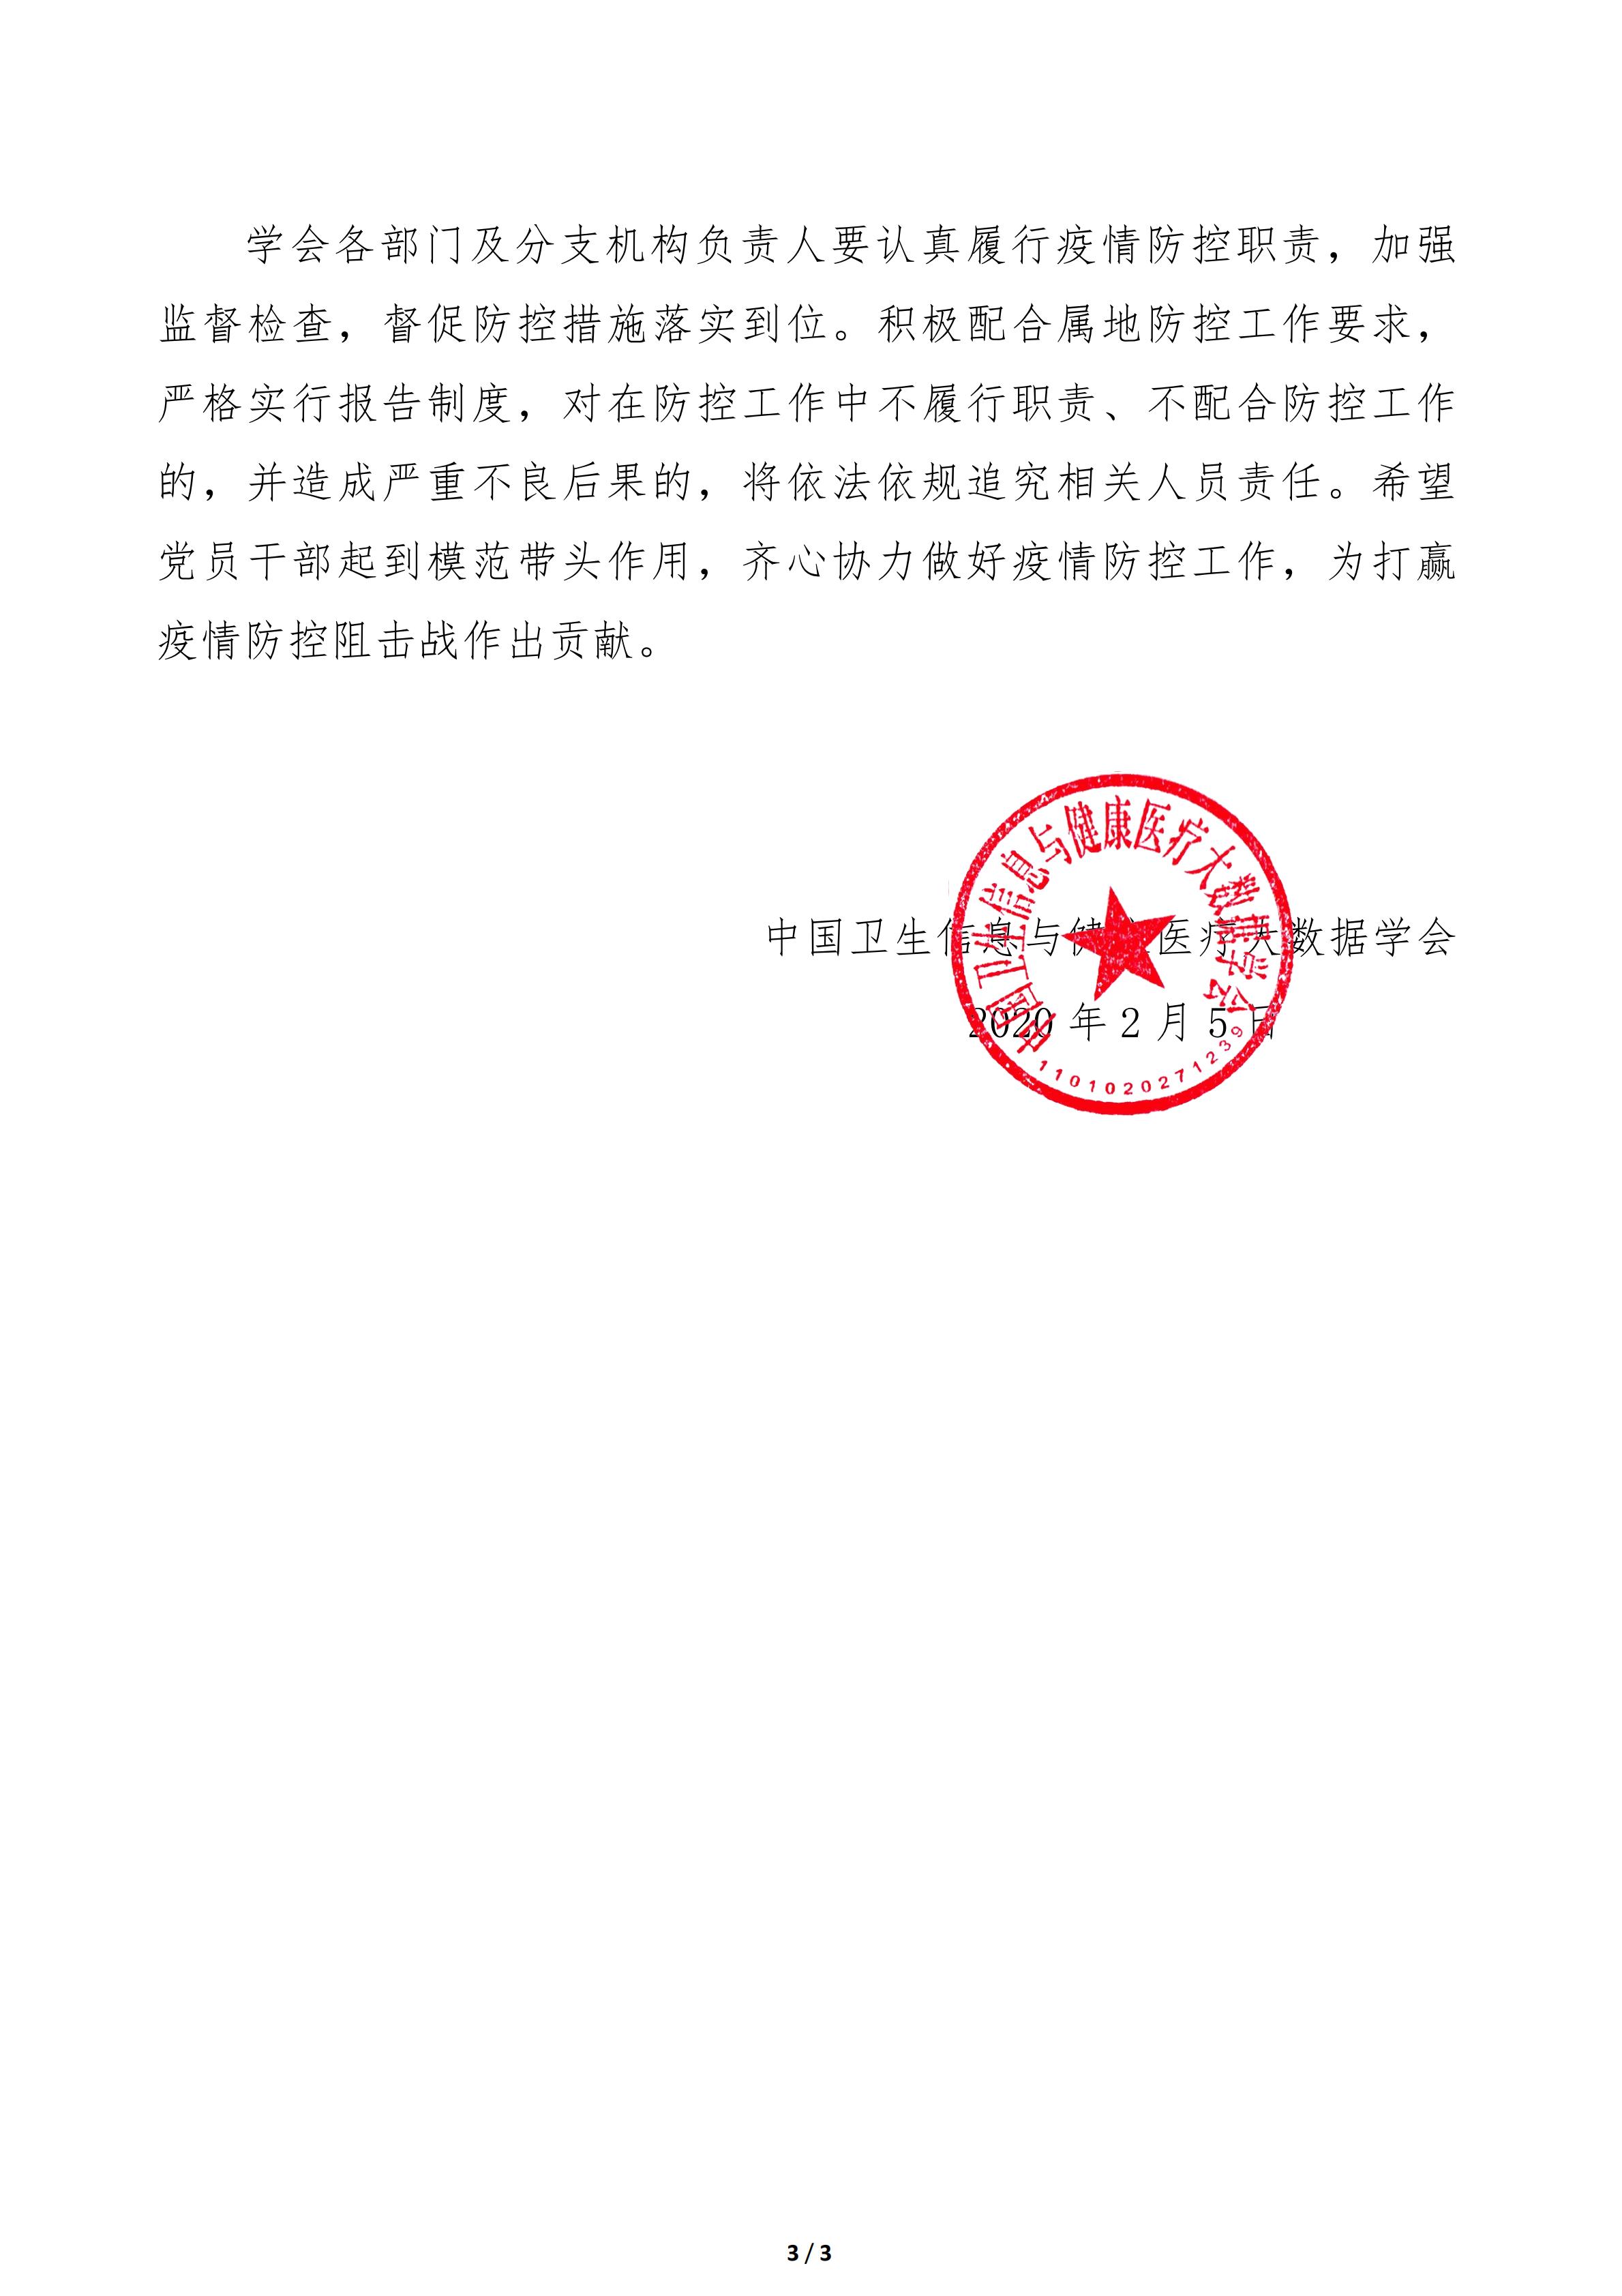 9号文-关于疫情防控工作的通知20200205_02.png